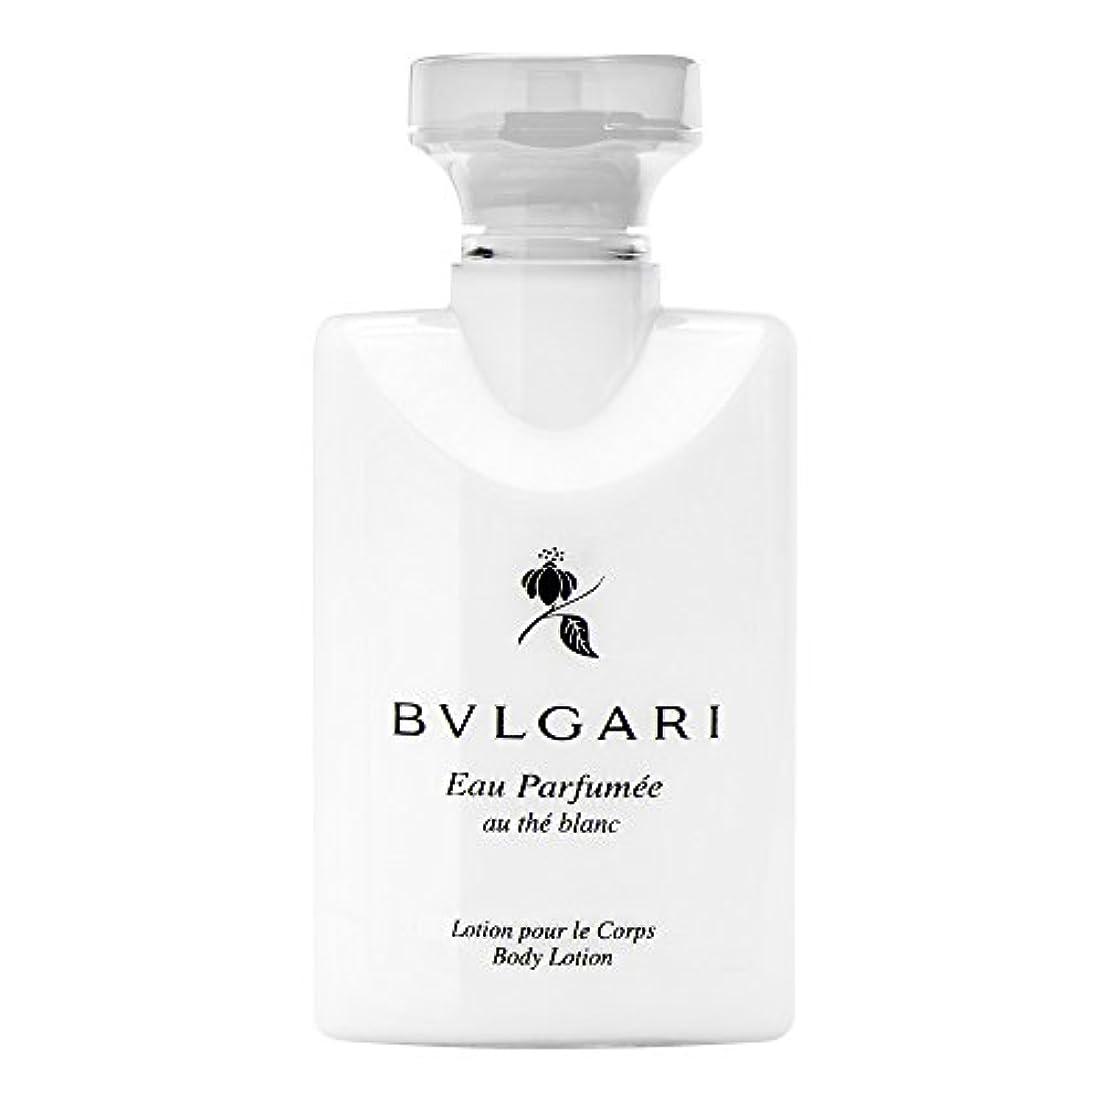 香水変化するレンダーBvlgari Eau Parfumee Au The Blanc (ブルガリ オー パフュ-メ オウ ブラン) 2.5 oz (75ml) Body Lotion ボディーローション